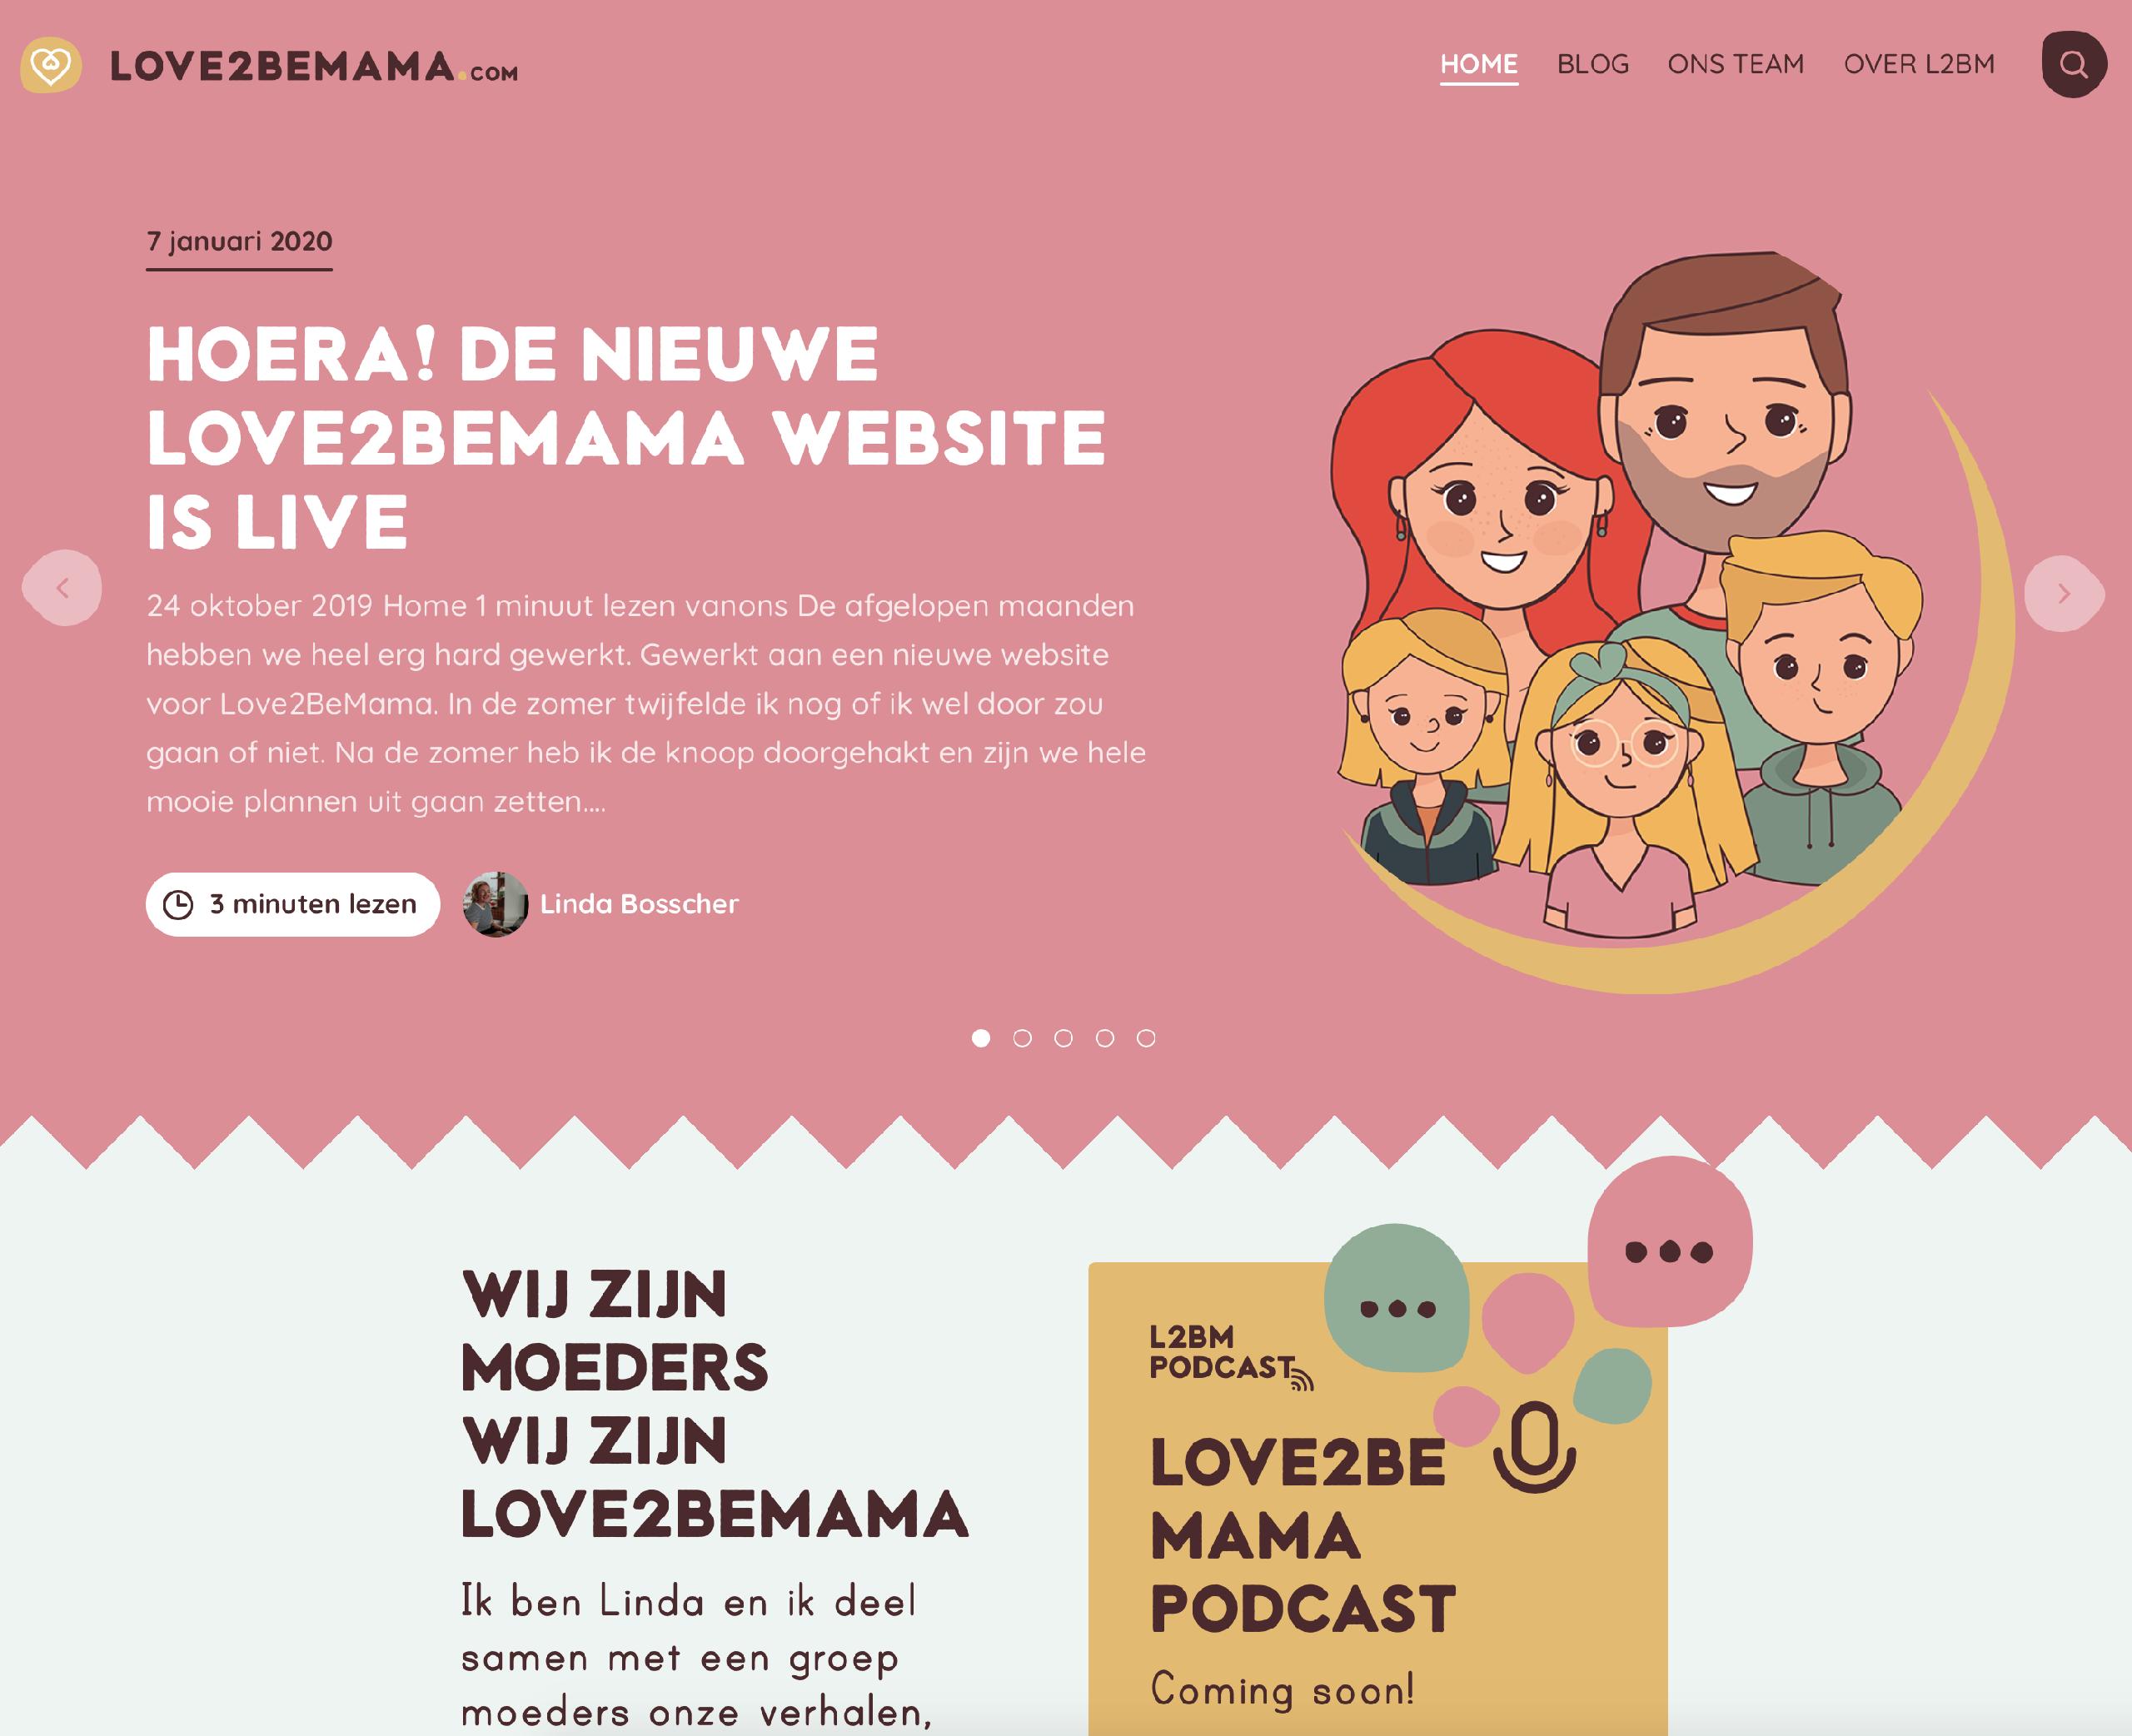 love2bemama.com